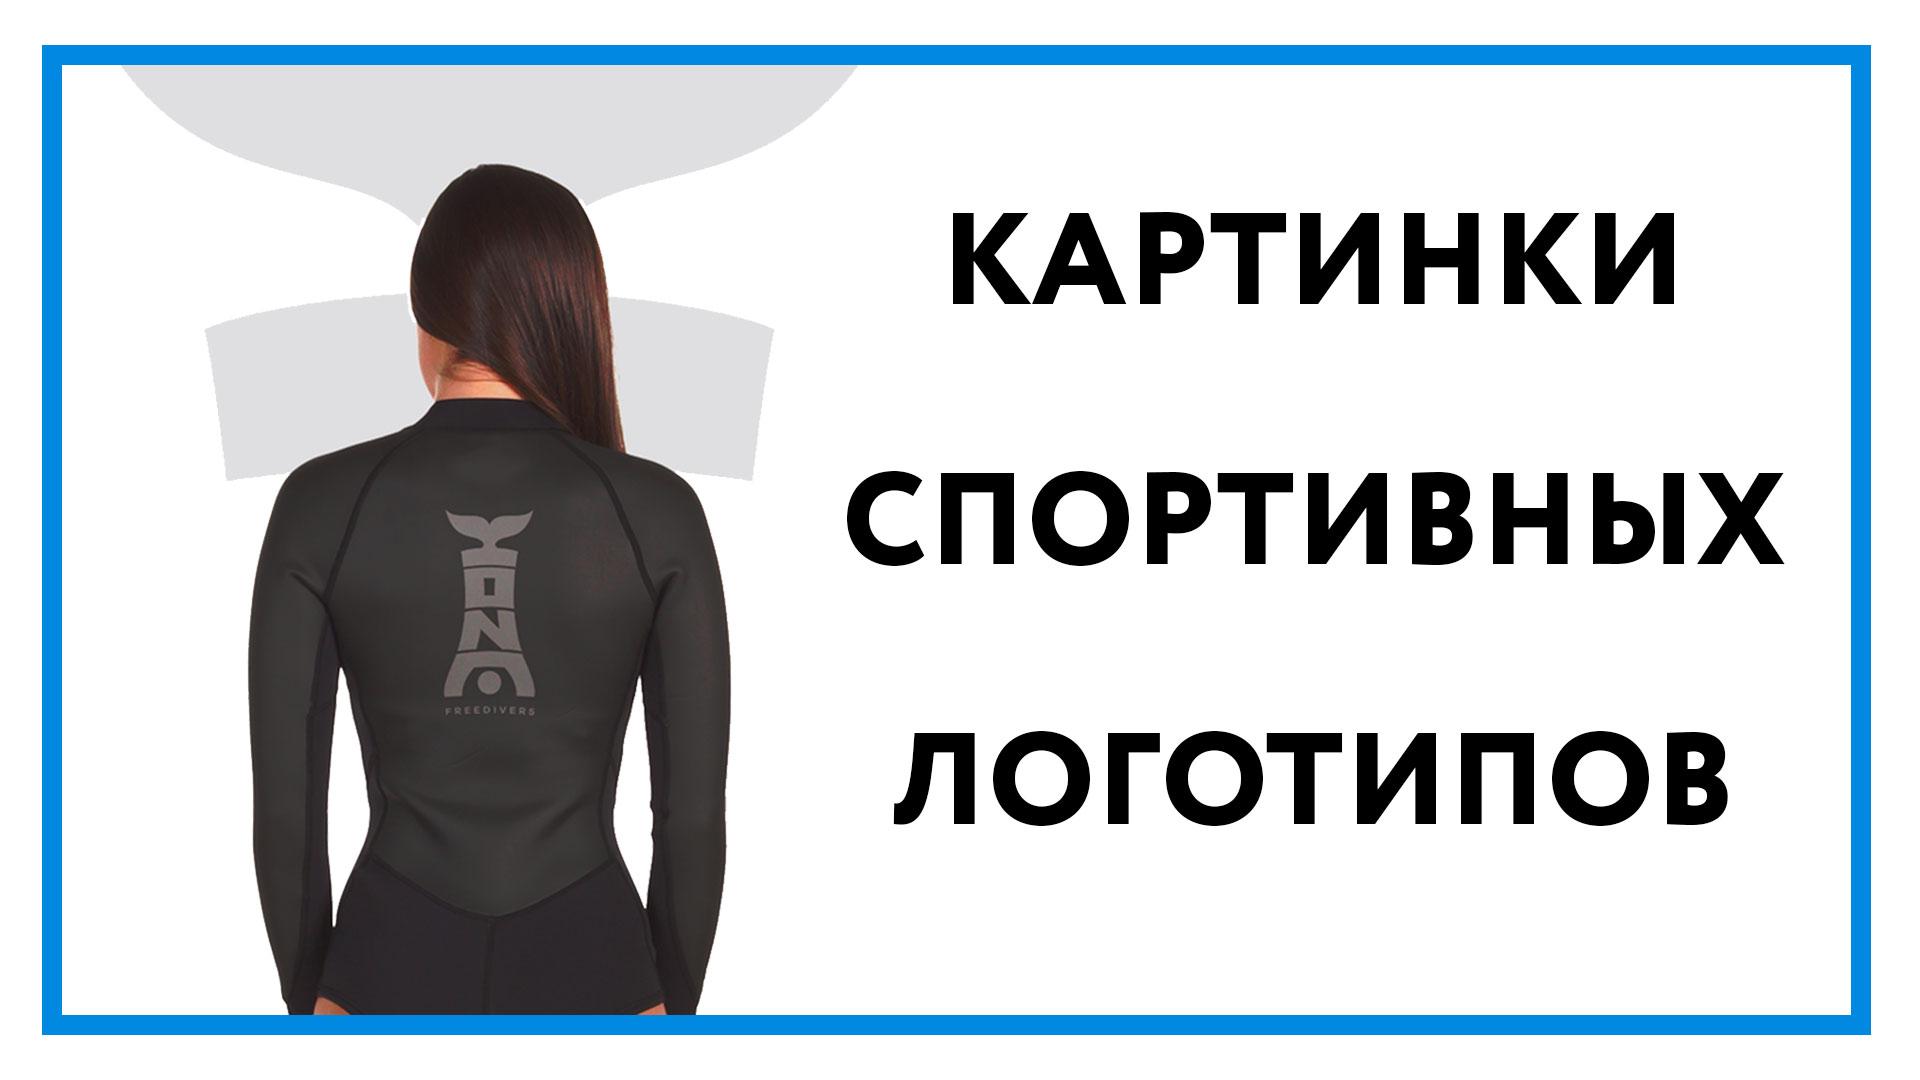 sportivnye-logotipy-kartinki.jpg